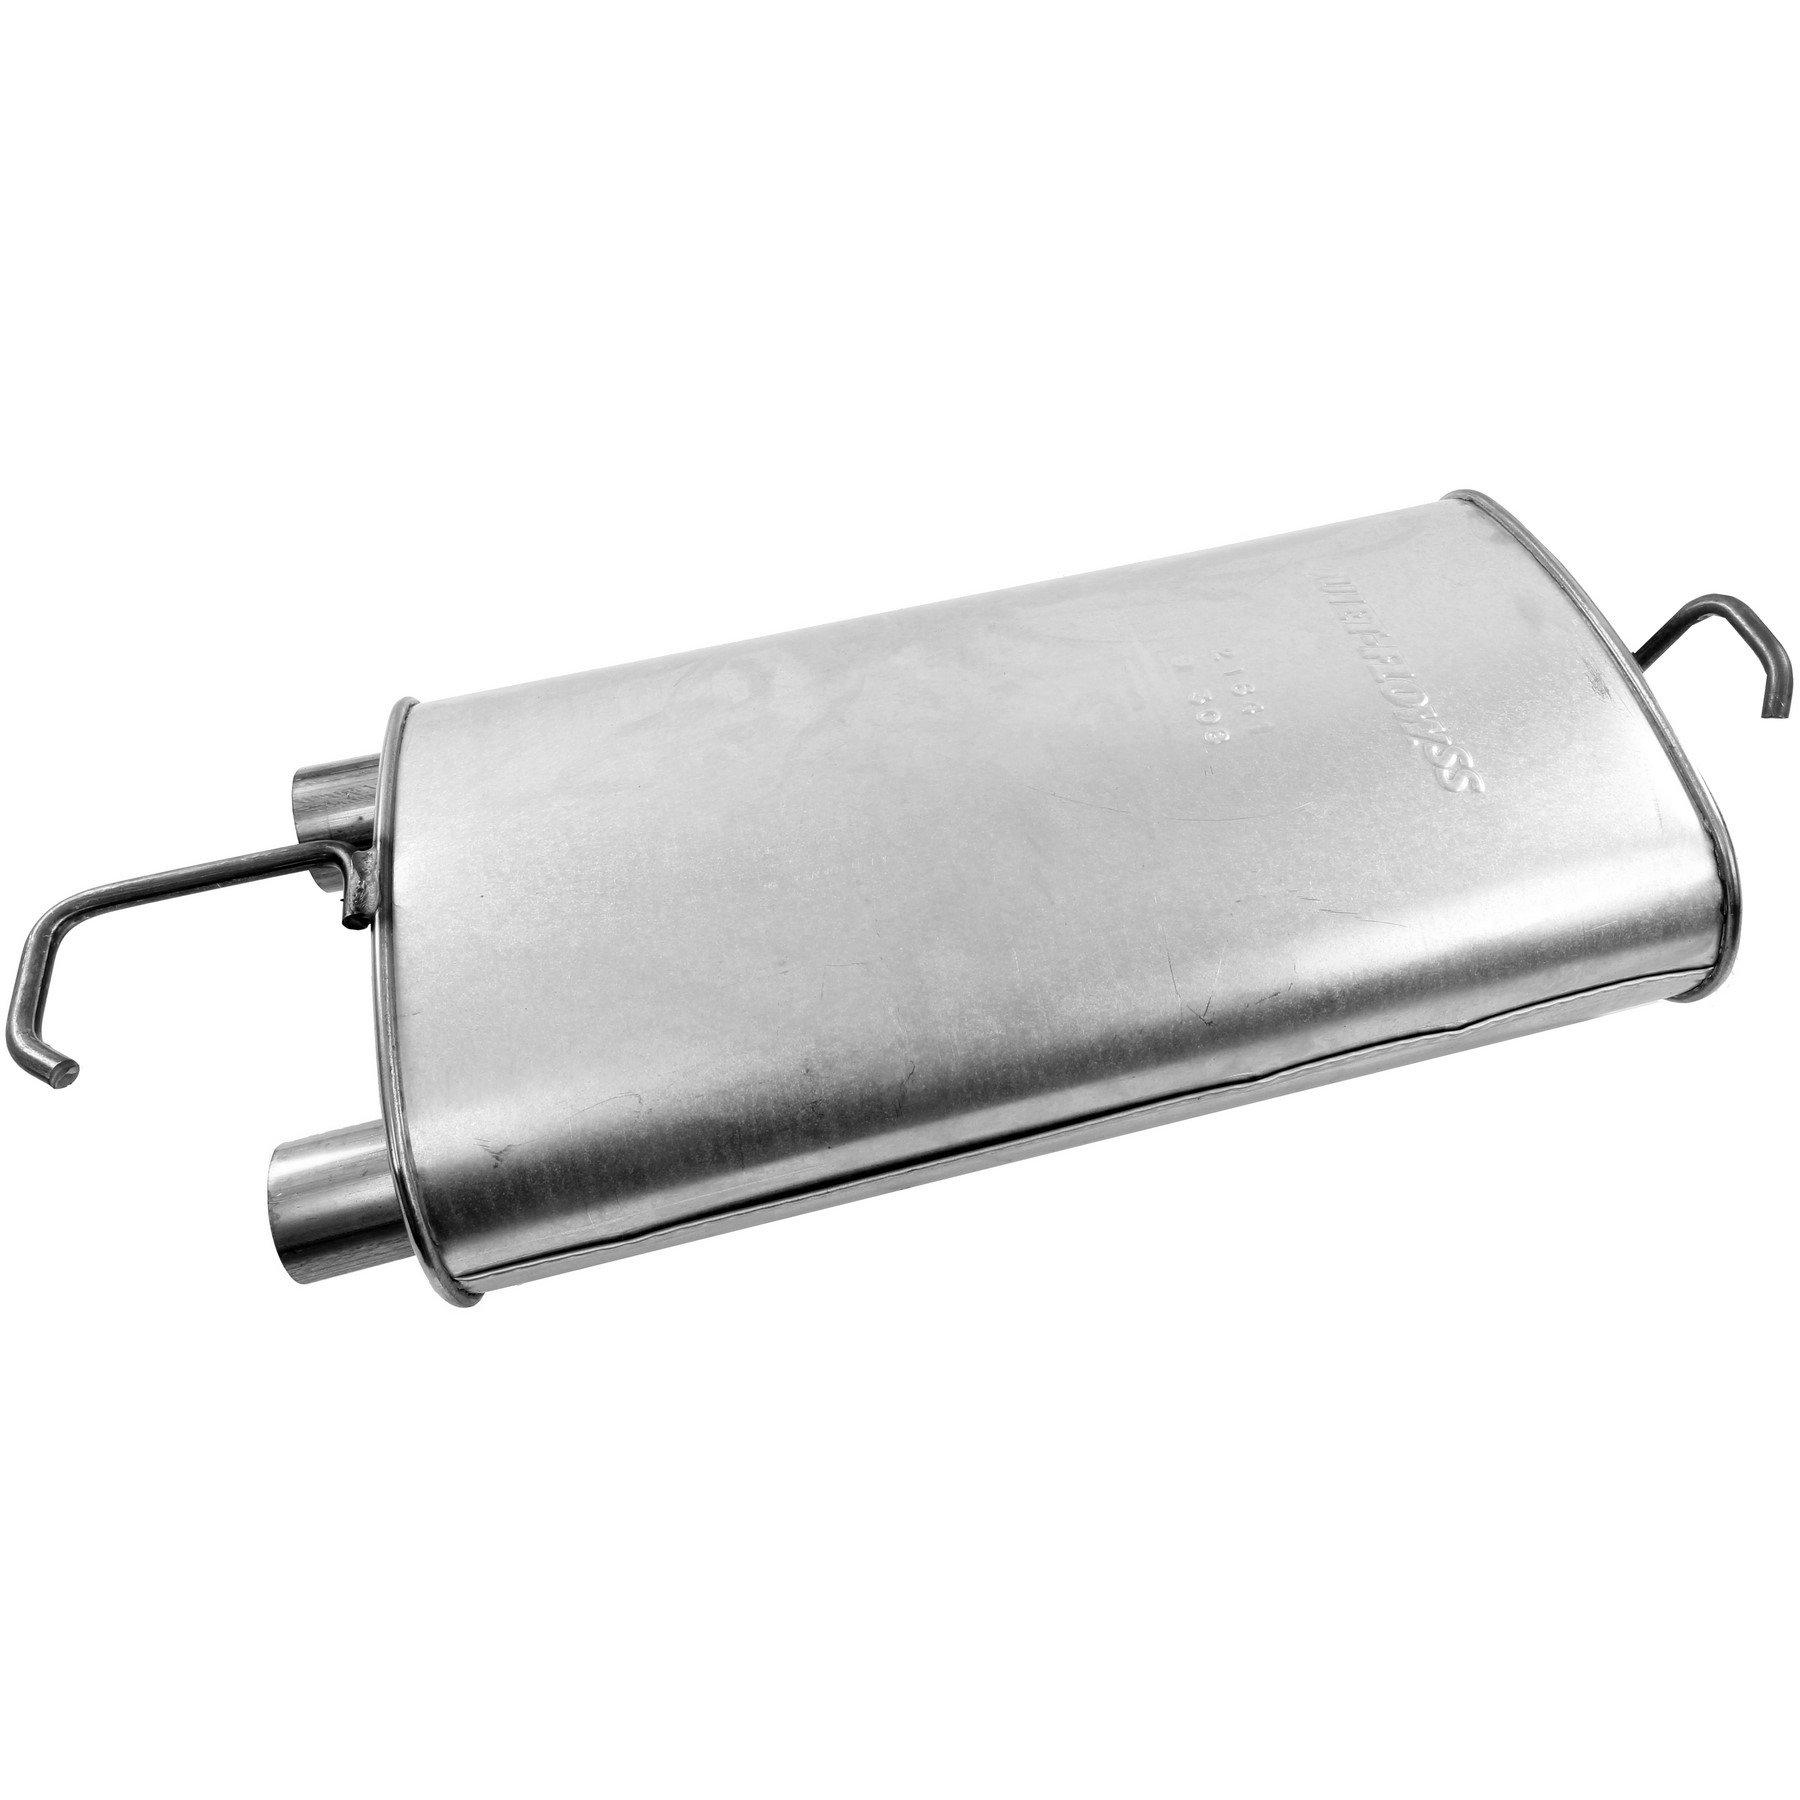 Walker 53469 Quiet-Flow Stainless Steel Muffler